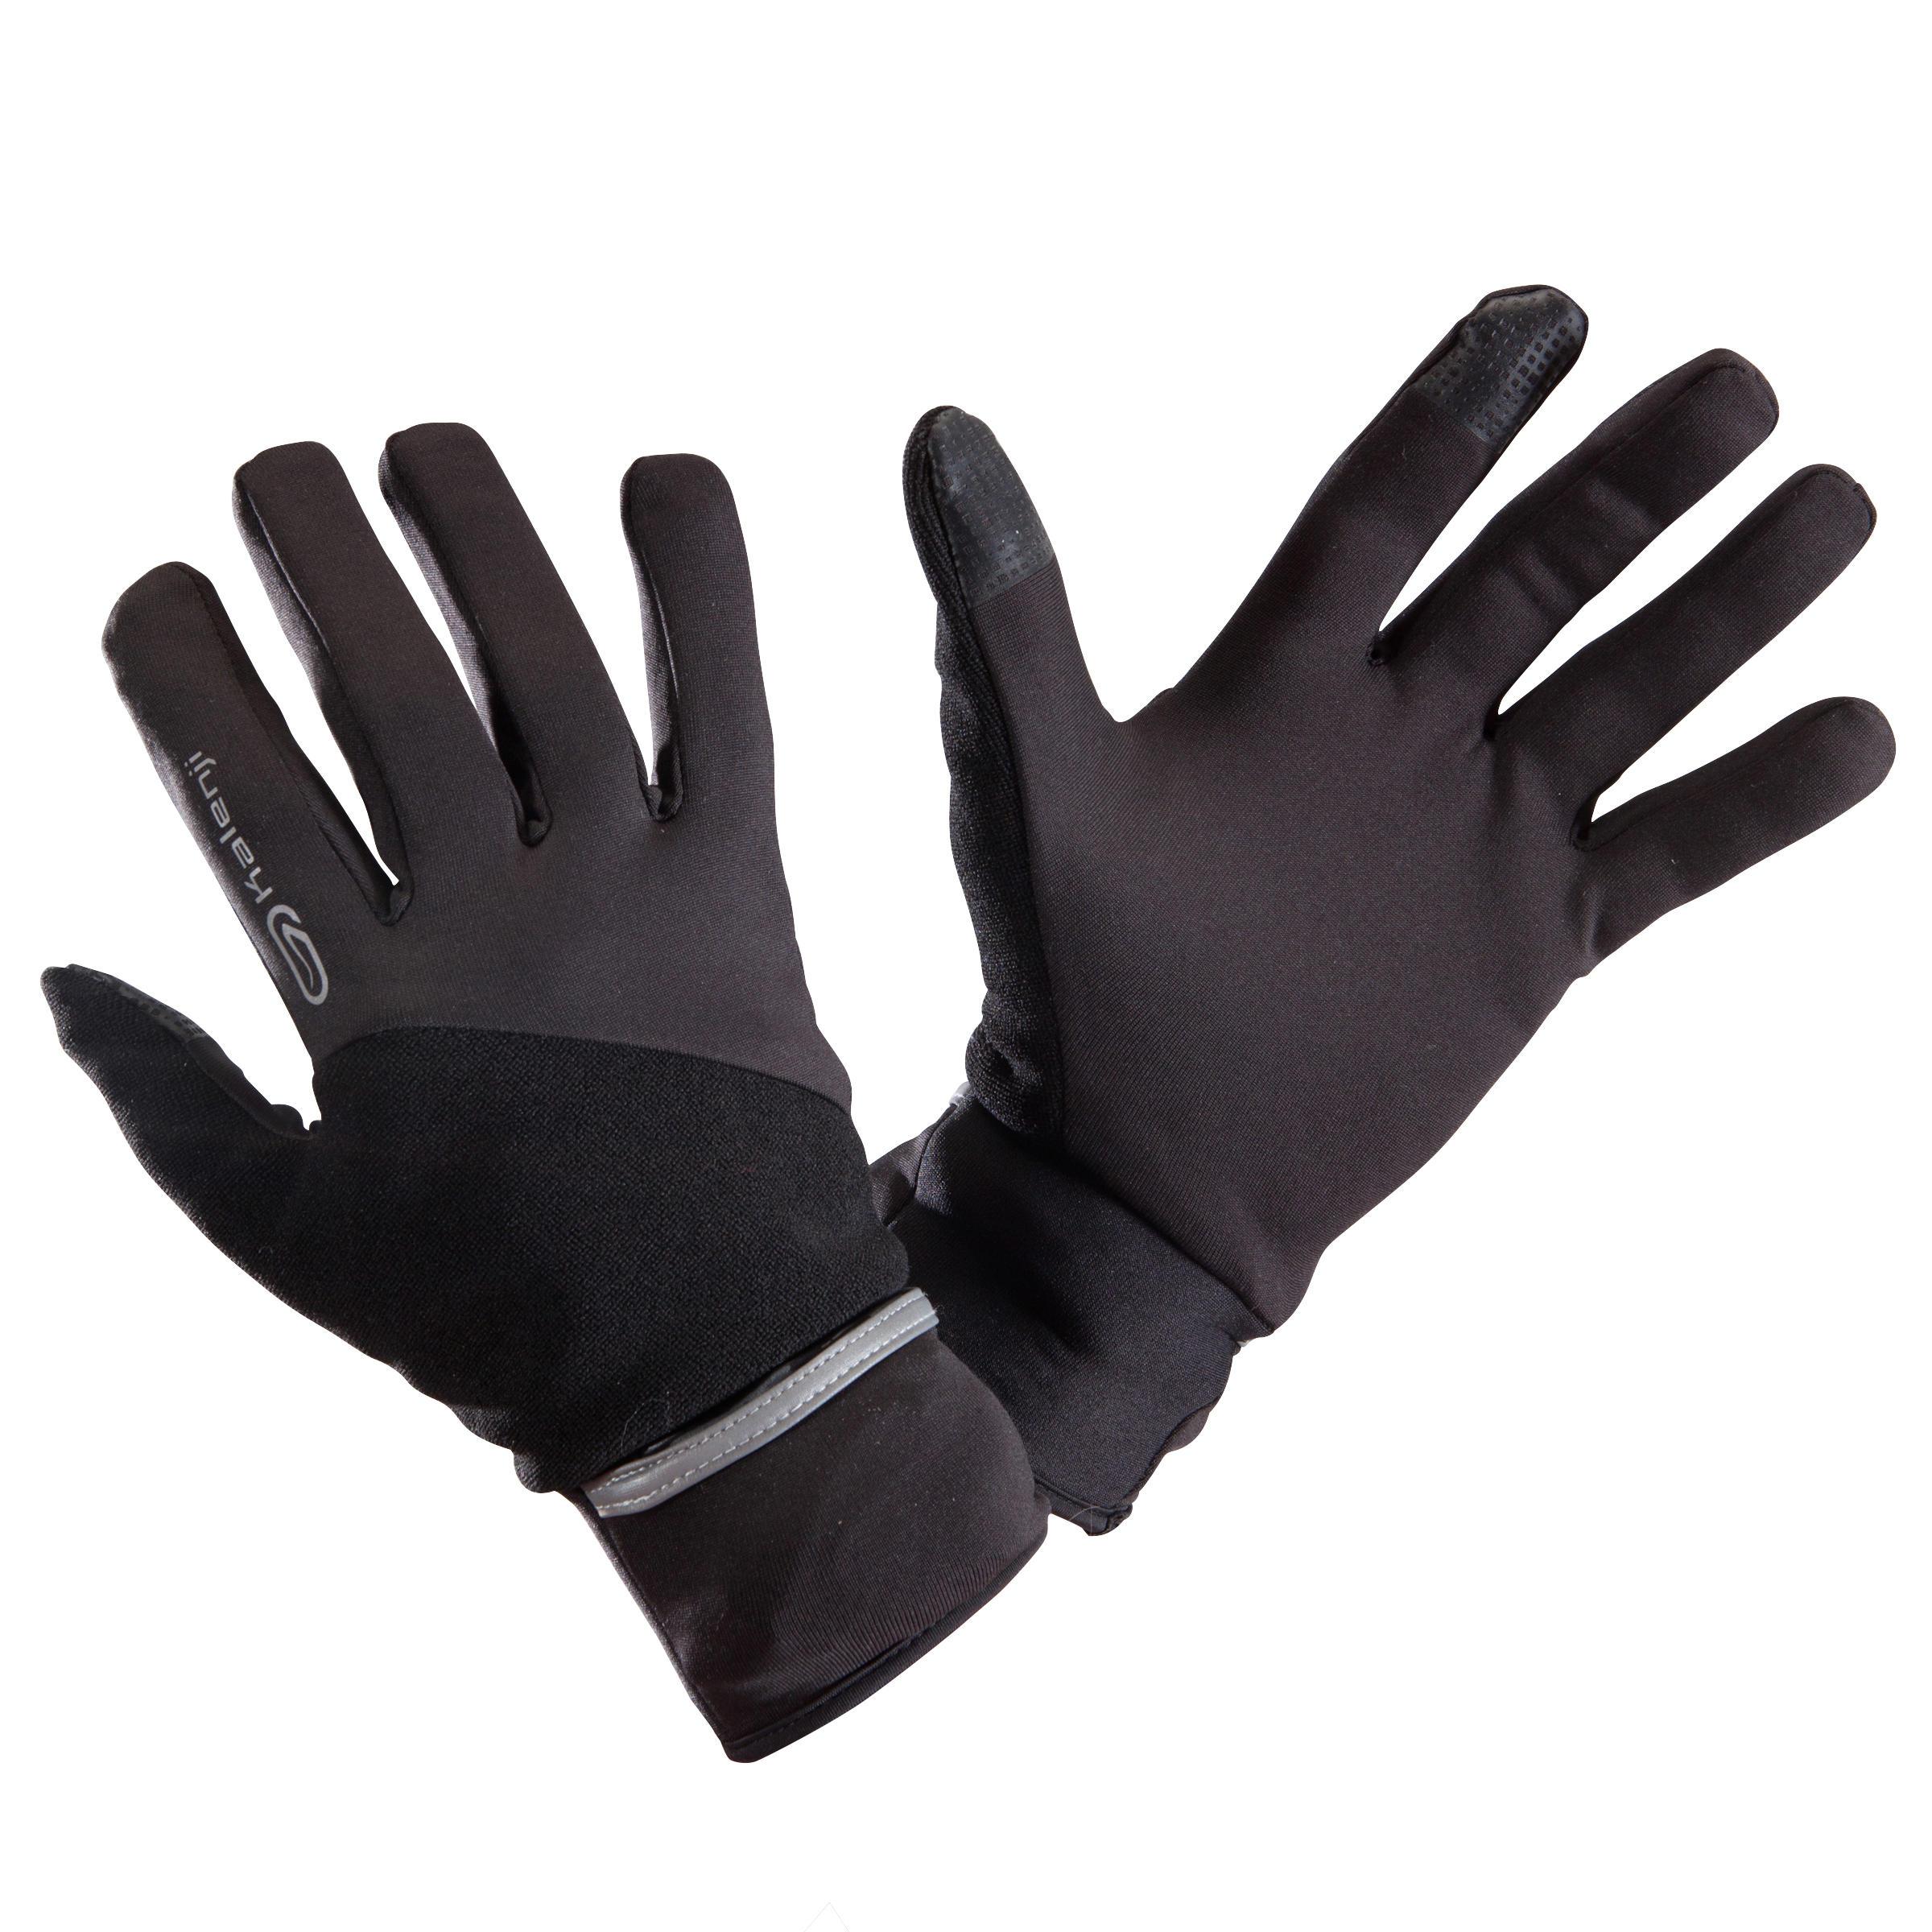 Laufhandschuhe Evolutiv Run By Night mit integrierten Fäustlingen schwarz | Accessoires > Handschuhe > Fäustlinge | Schwarz | Kalenji